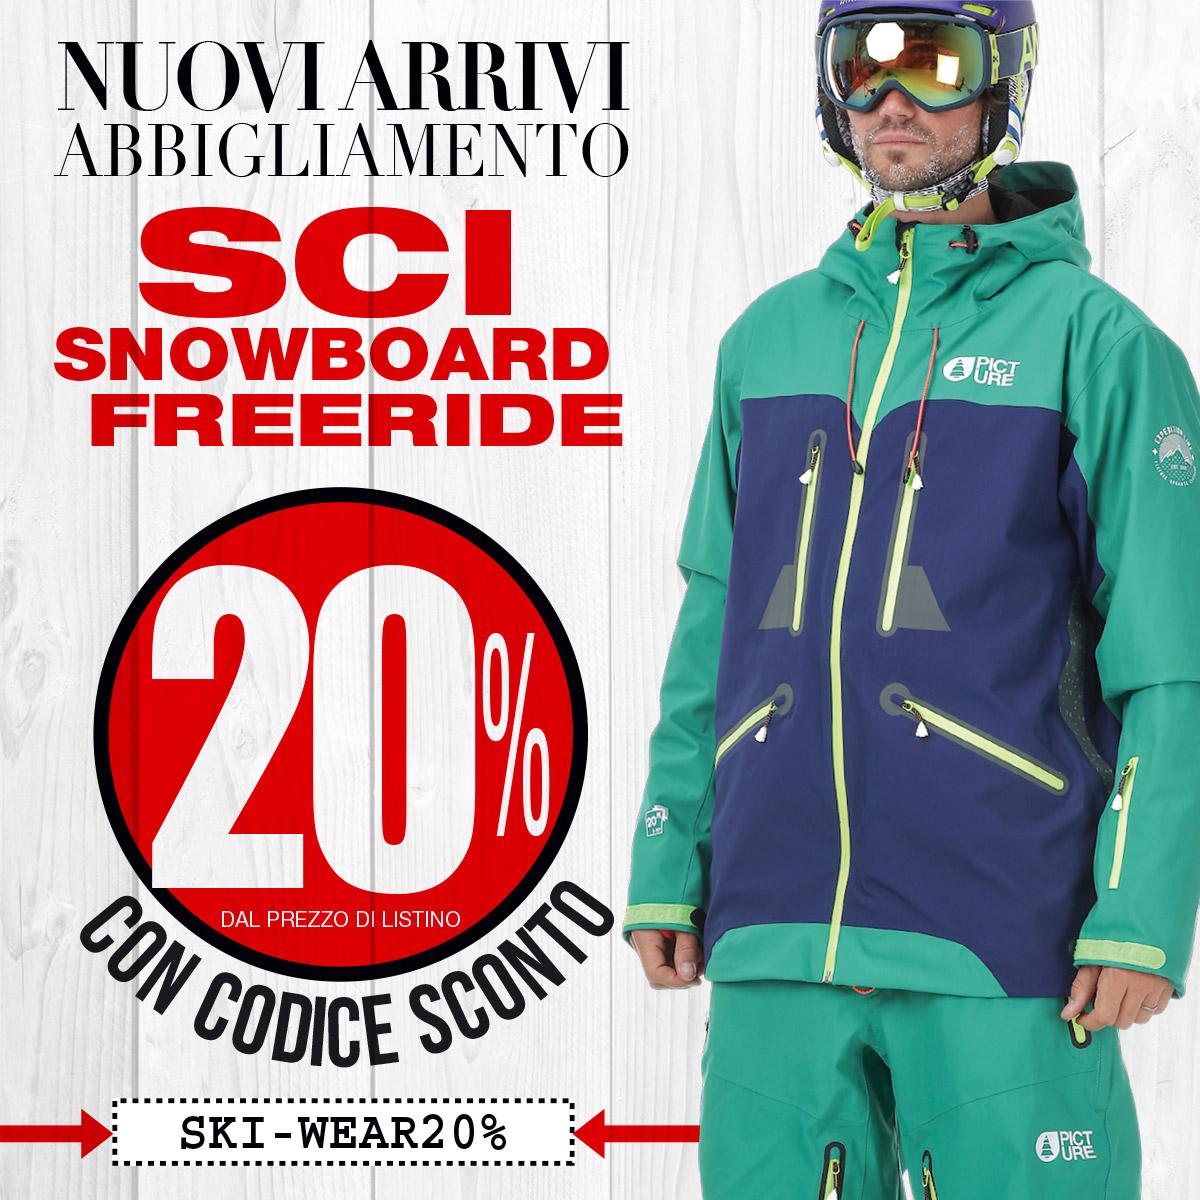 sconto 20% abbigliamento sci, snowboard e freeride